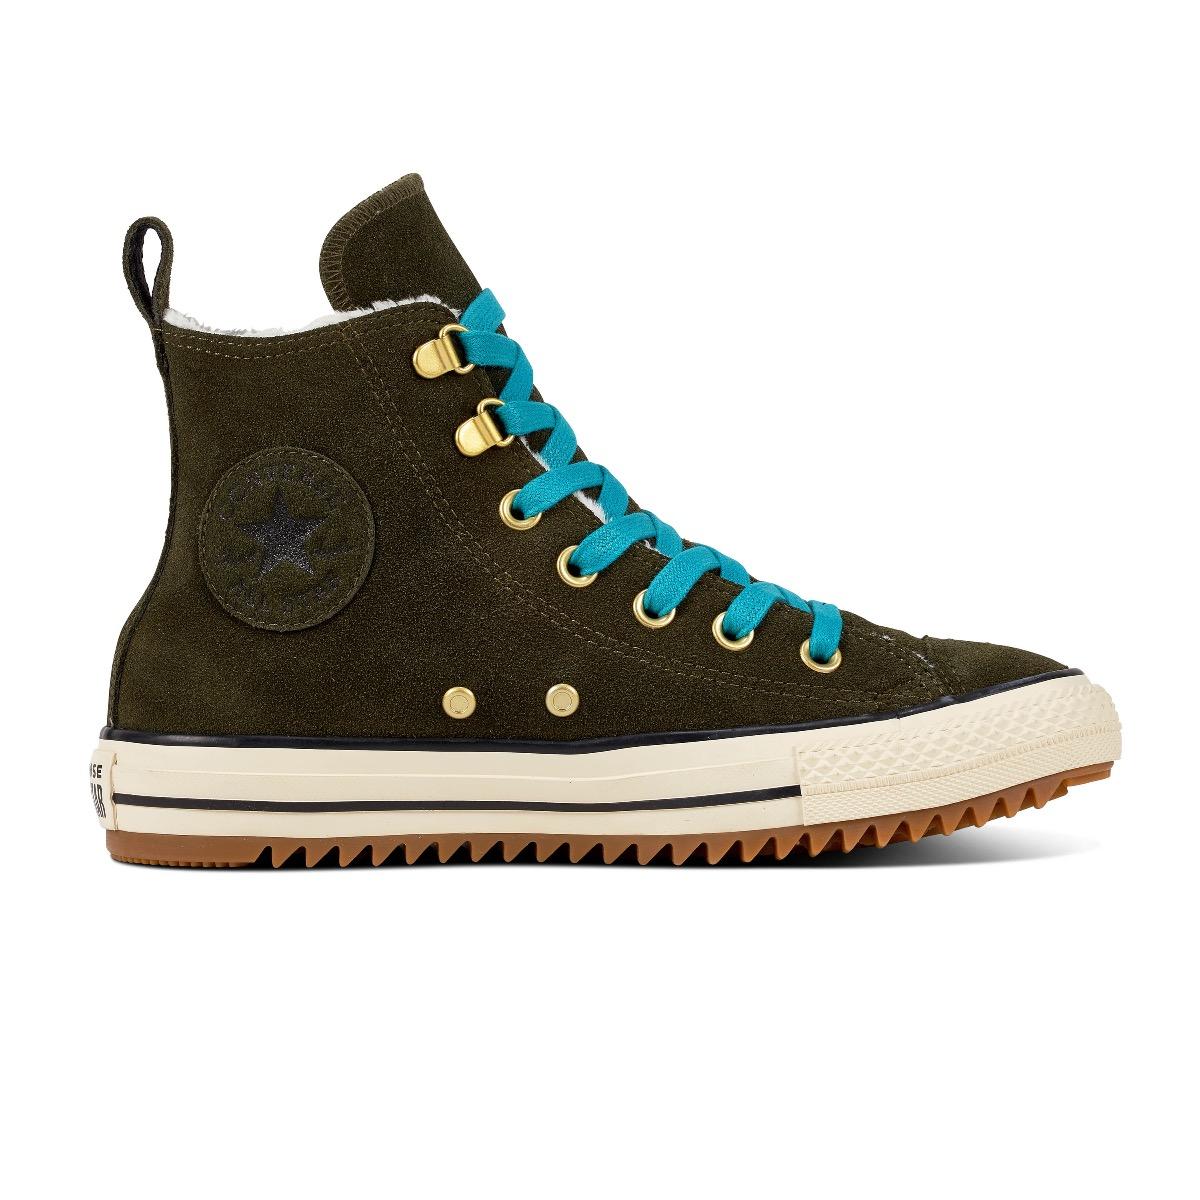 Converse All Stars Hiker Boot 162478C Groen-36 maat 36